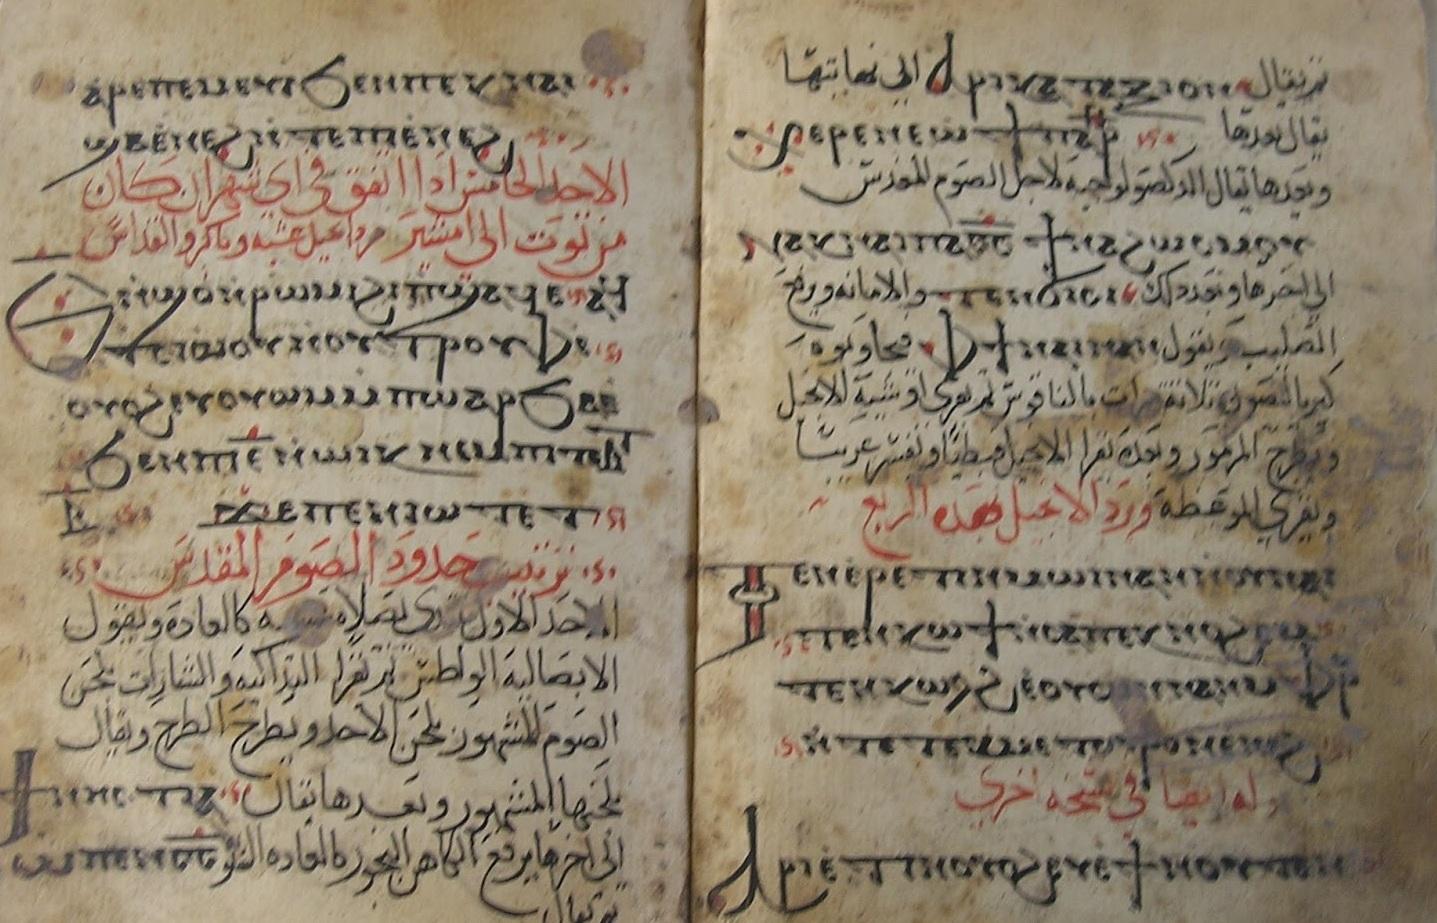 مخطوطة في تاريخ الألحان القبطية